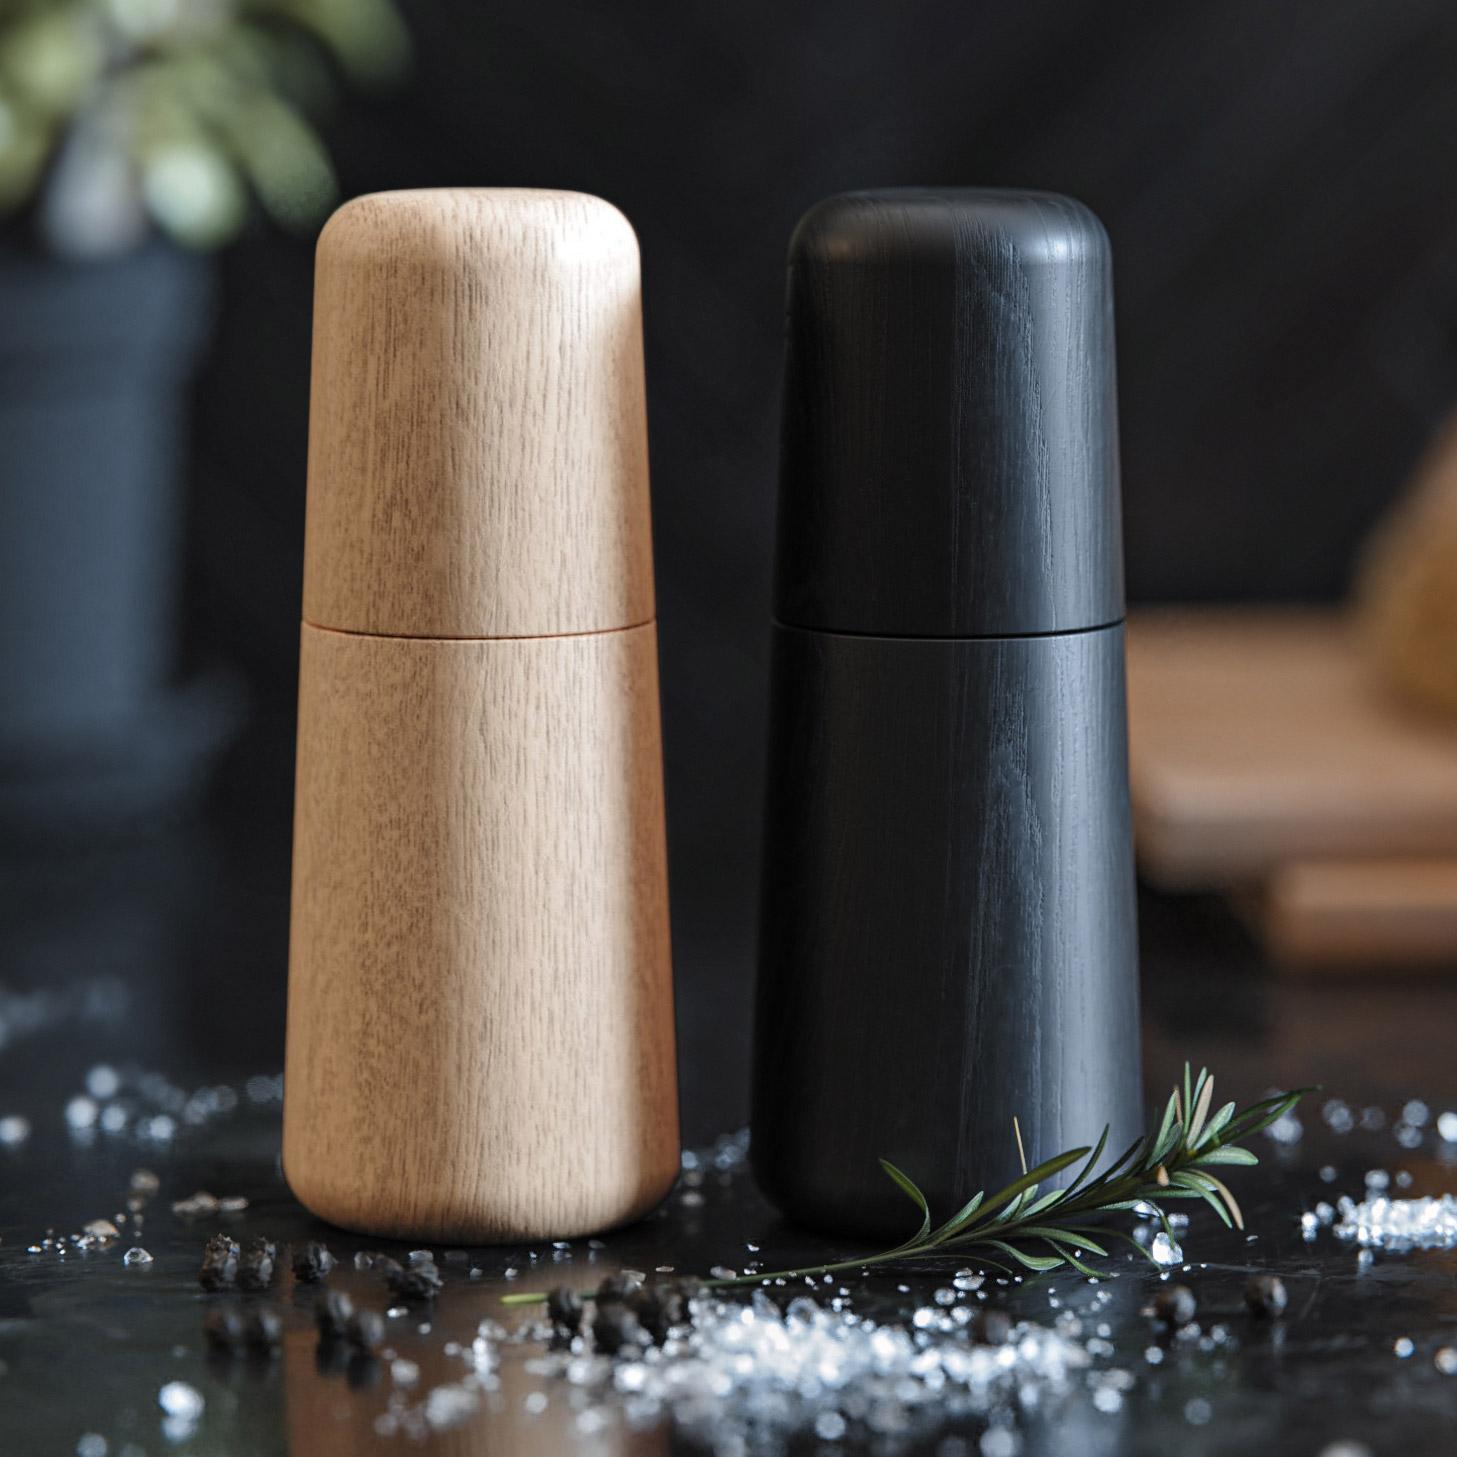 Salt og peberkværn i eg og sortlakeret eg